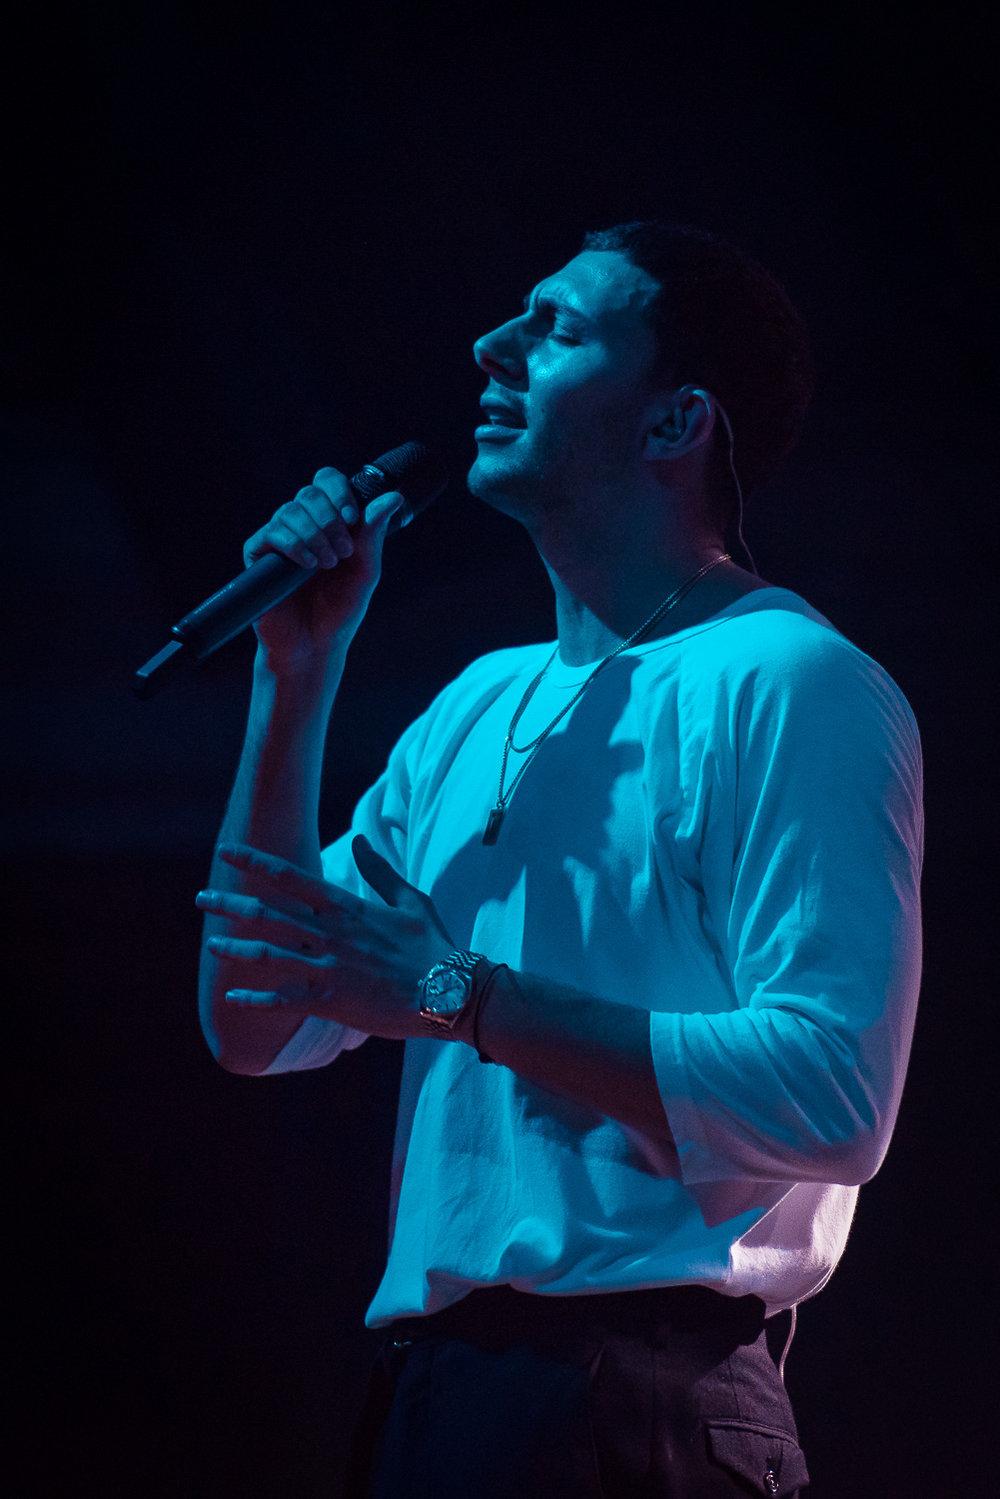 Majid Jordan